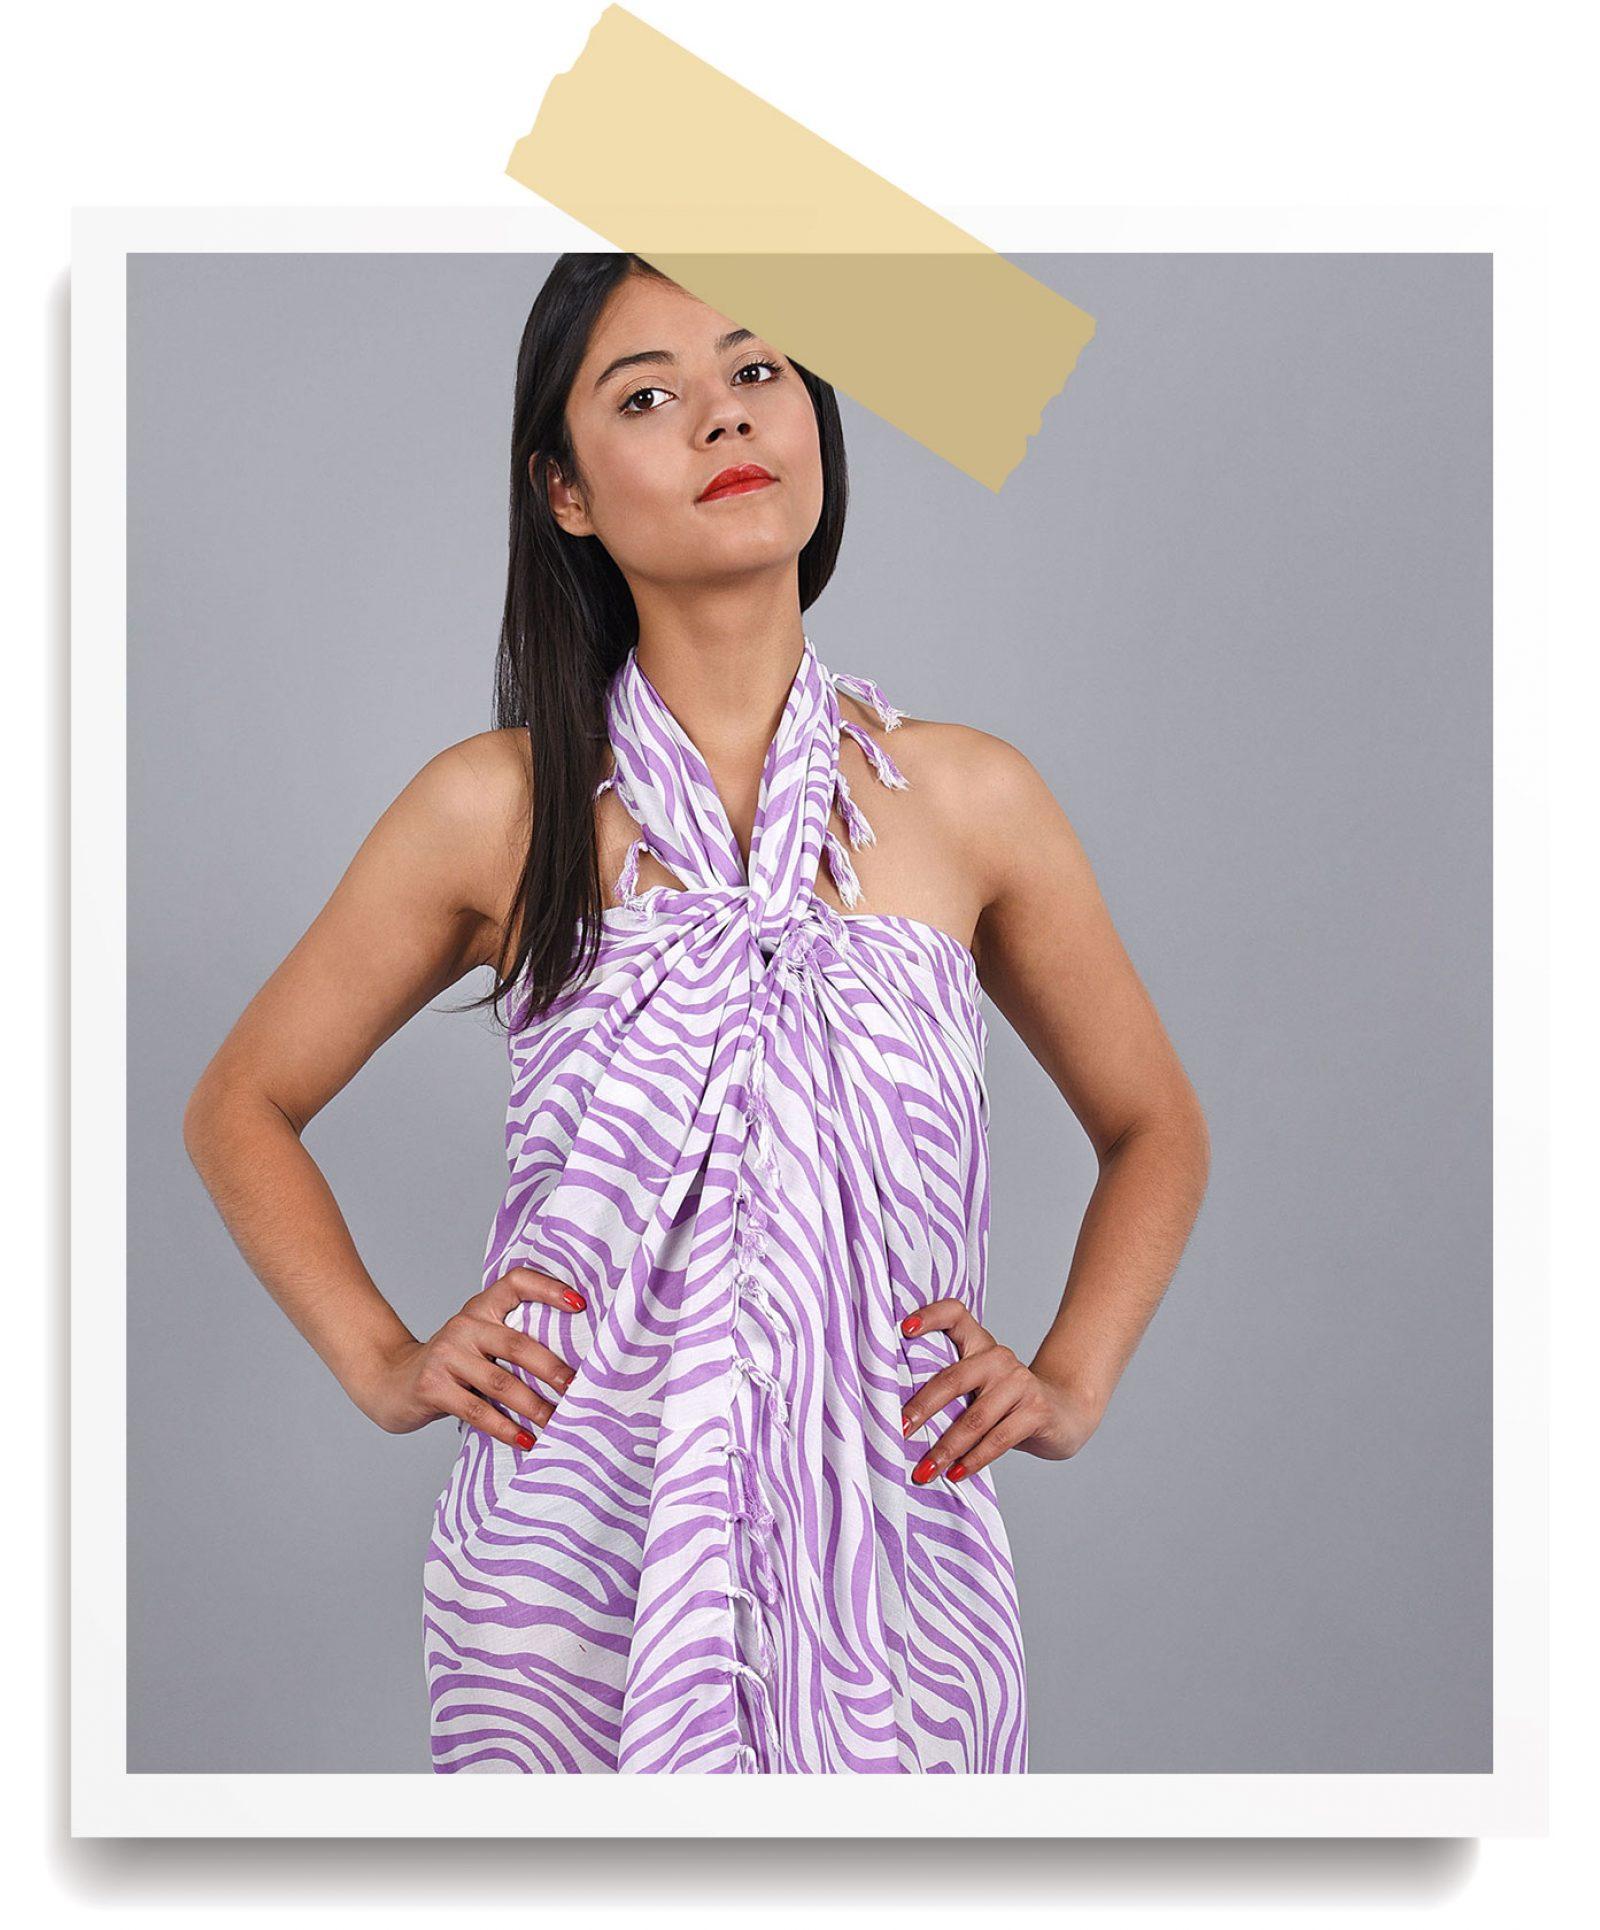 http://lookbook.allee-du-foulard.fr/wp-content/uploads/2018/06/0680-ADF-Accessoires-de-mode-LB-Soldes-Ete-pareo-zebre-1600x1930.jpg